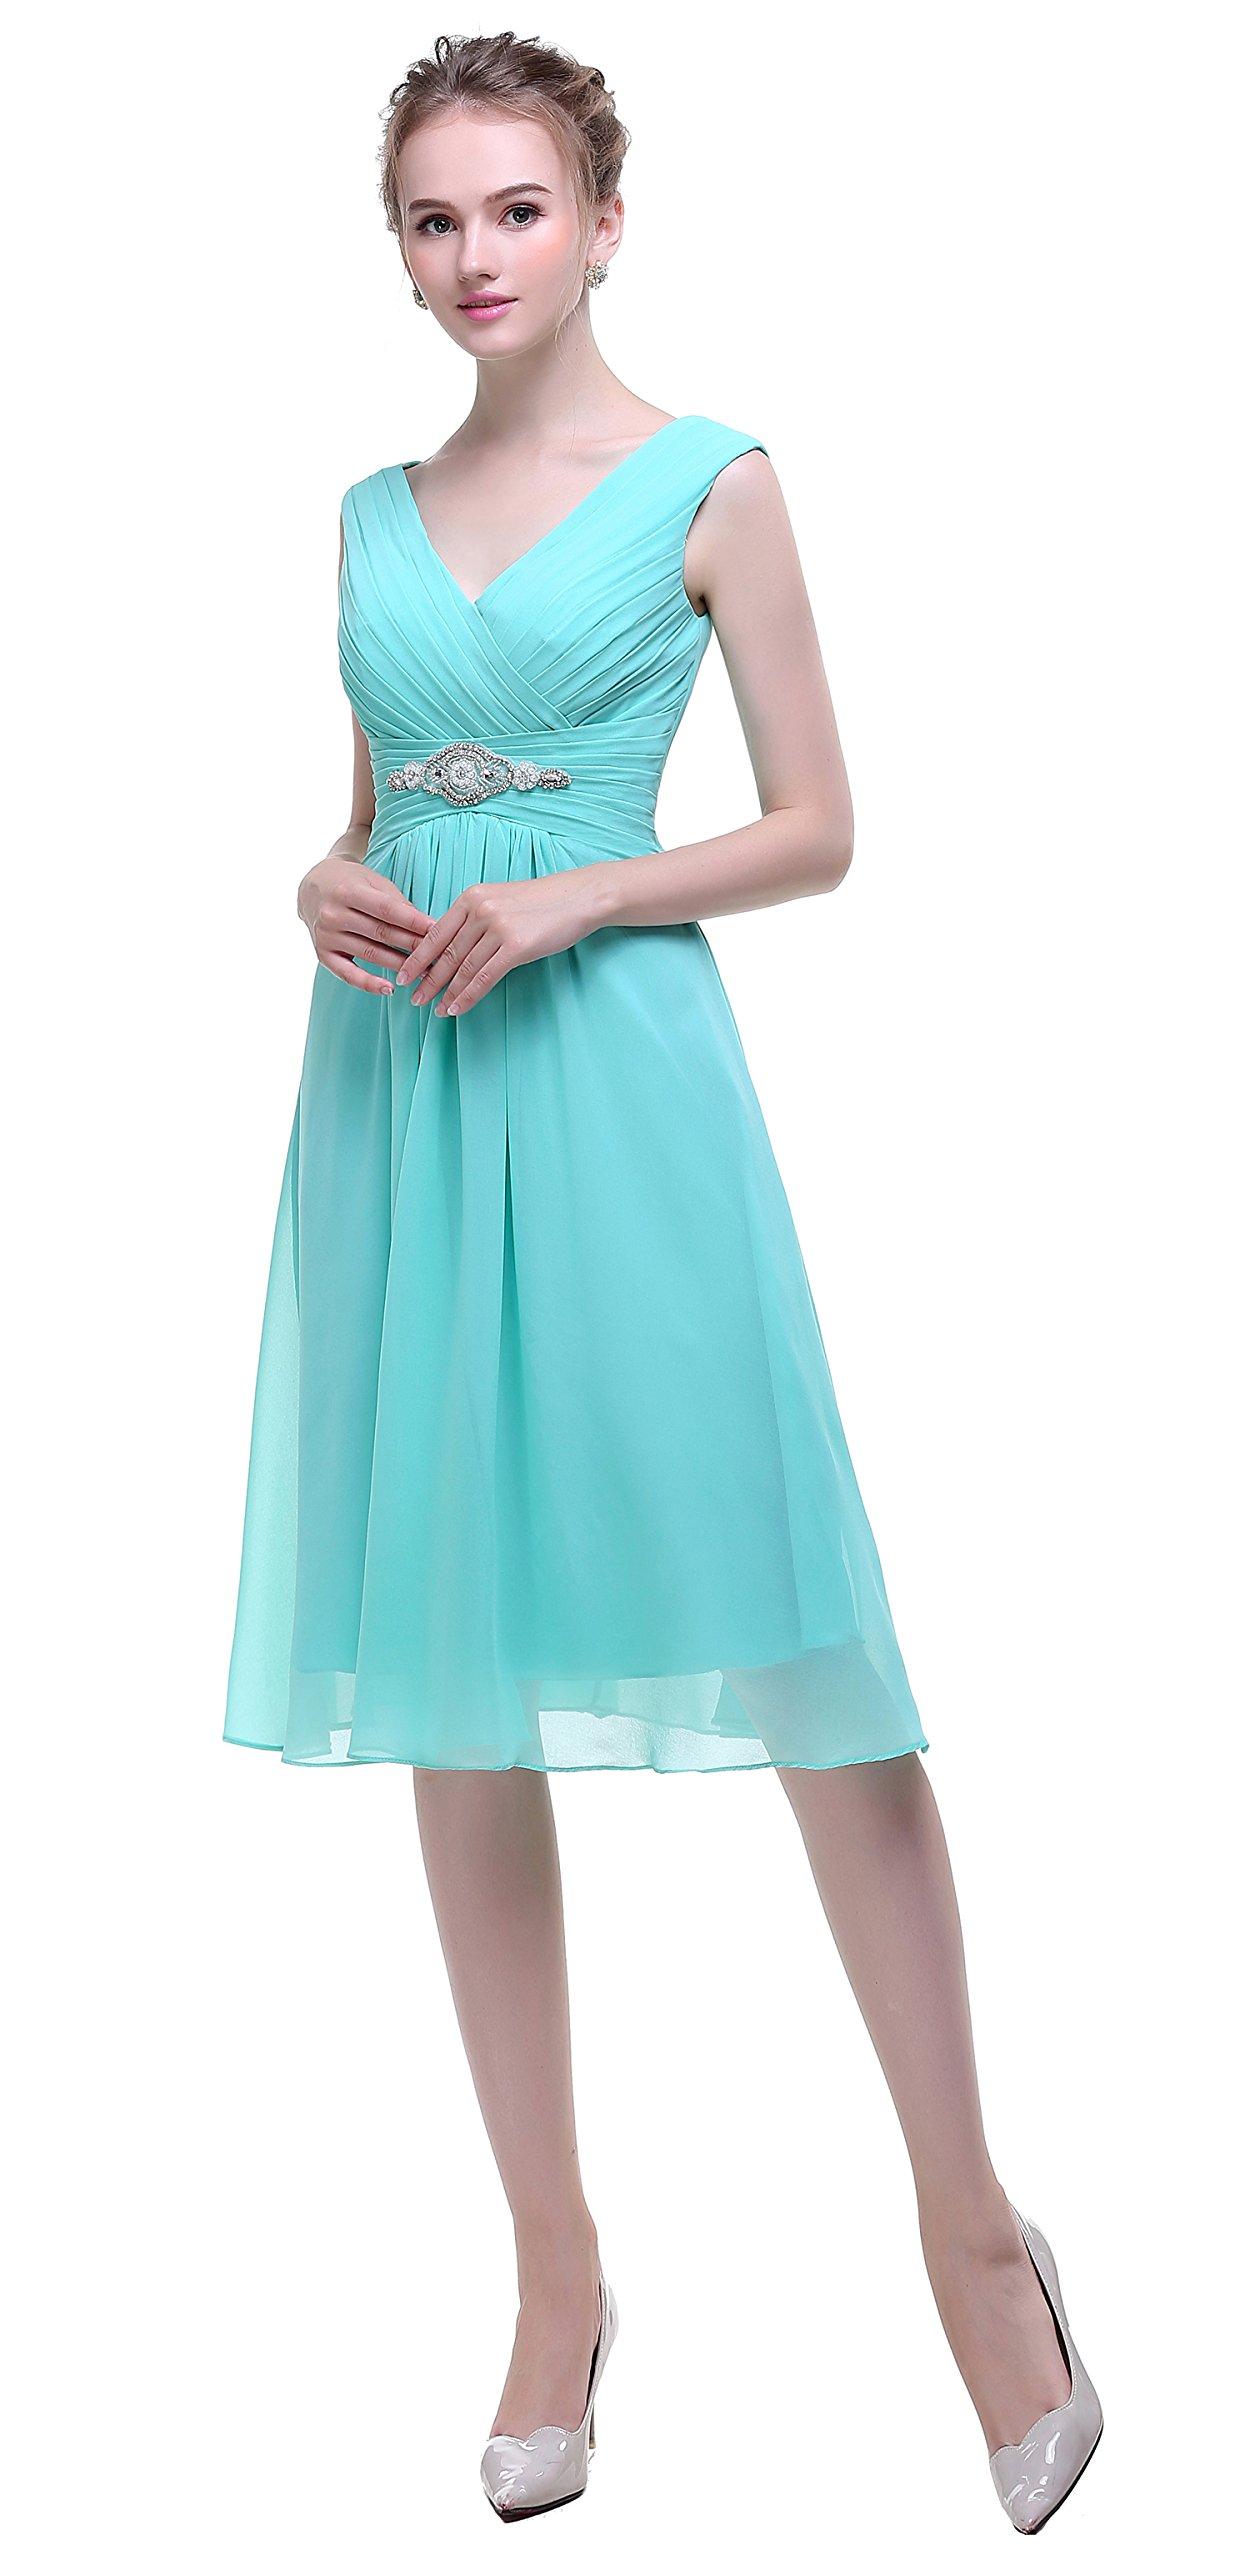 17f27a3b876d Aqua Bridesmaid Dresses Amazon - Down To Earth Bali